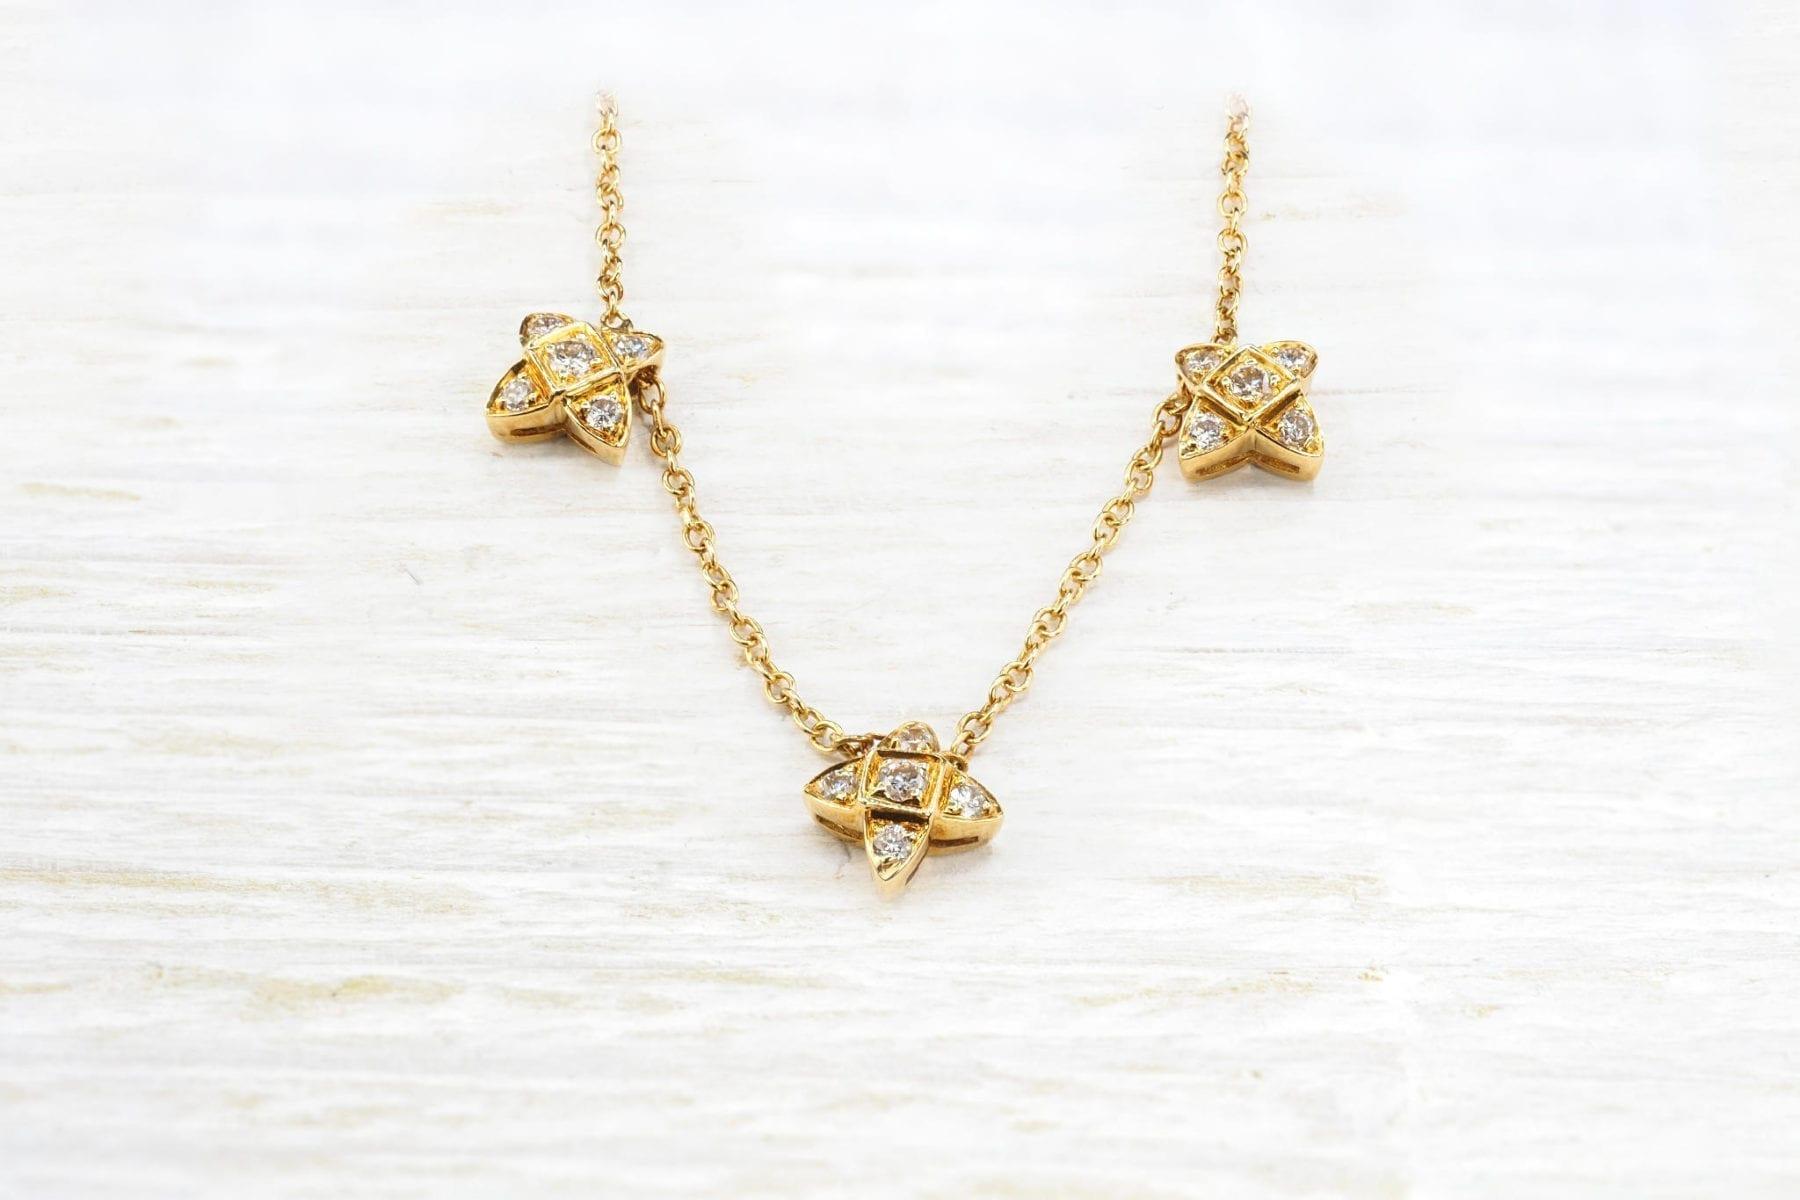 collier signé repossi diamants et or jaune 18k